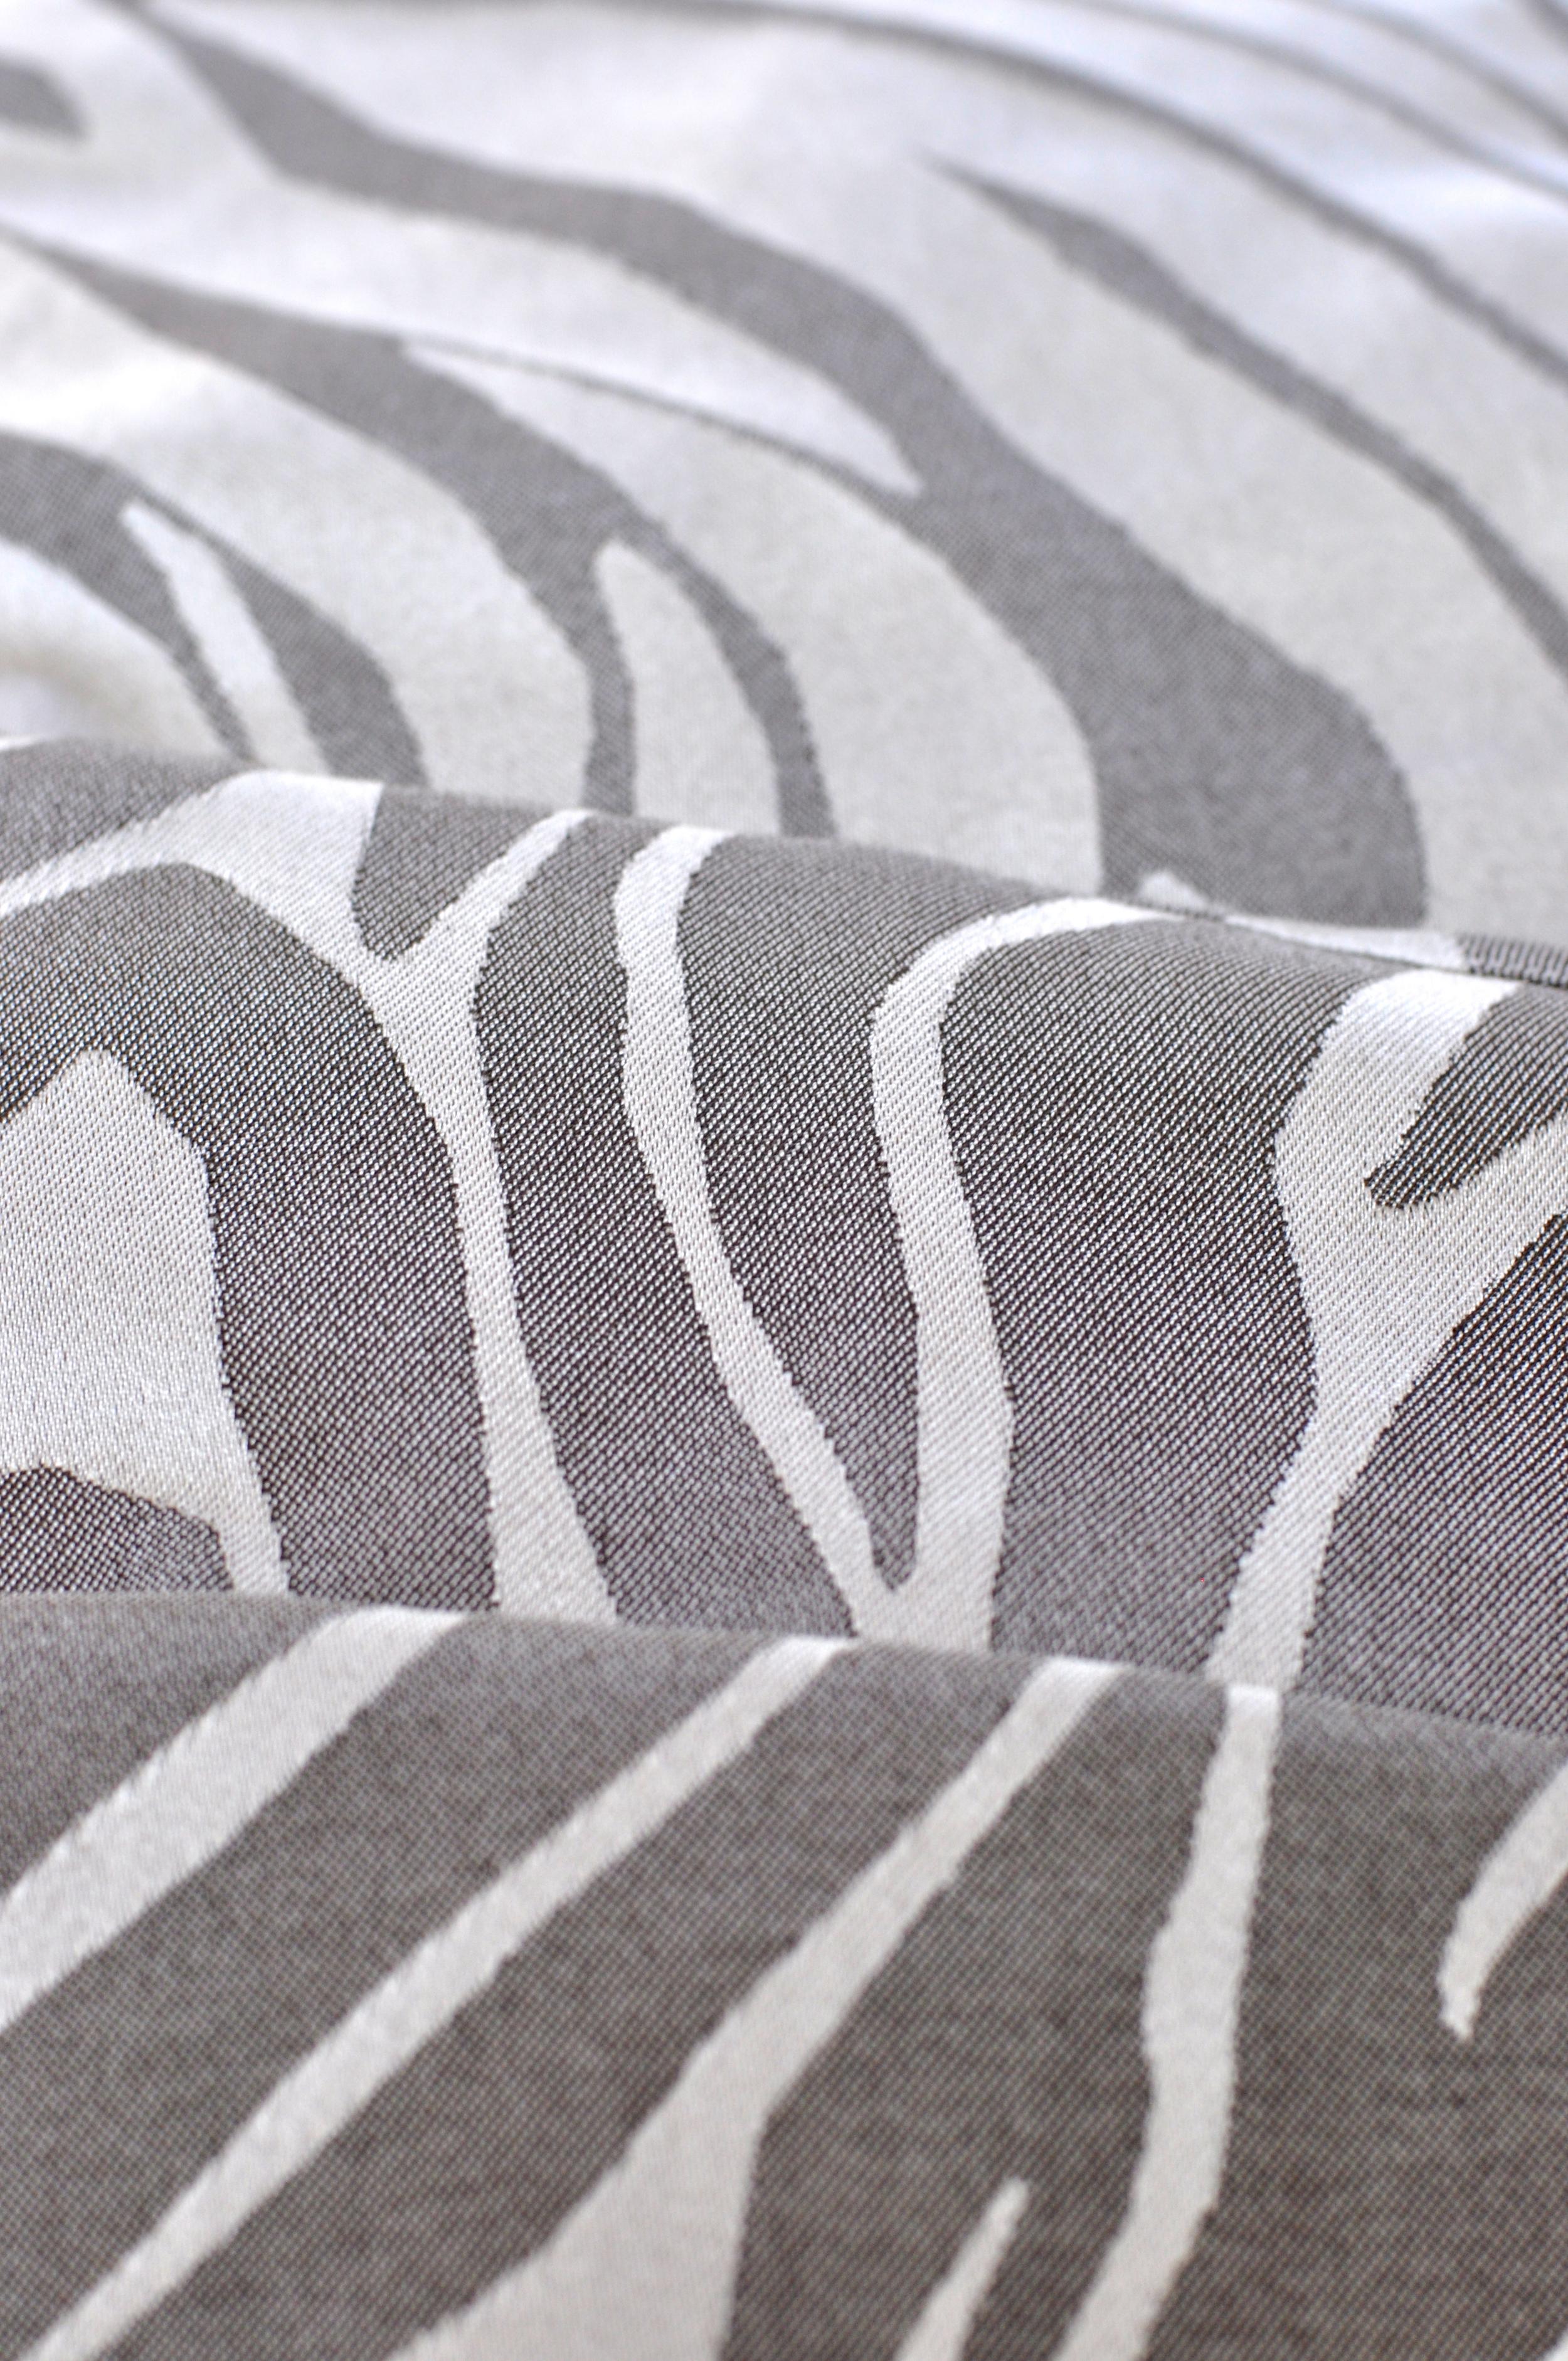 Zebra - 03.jpg